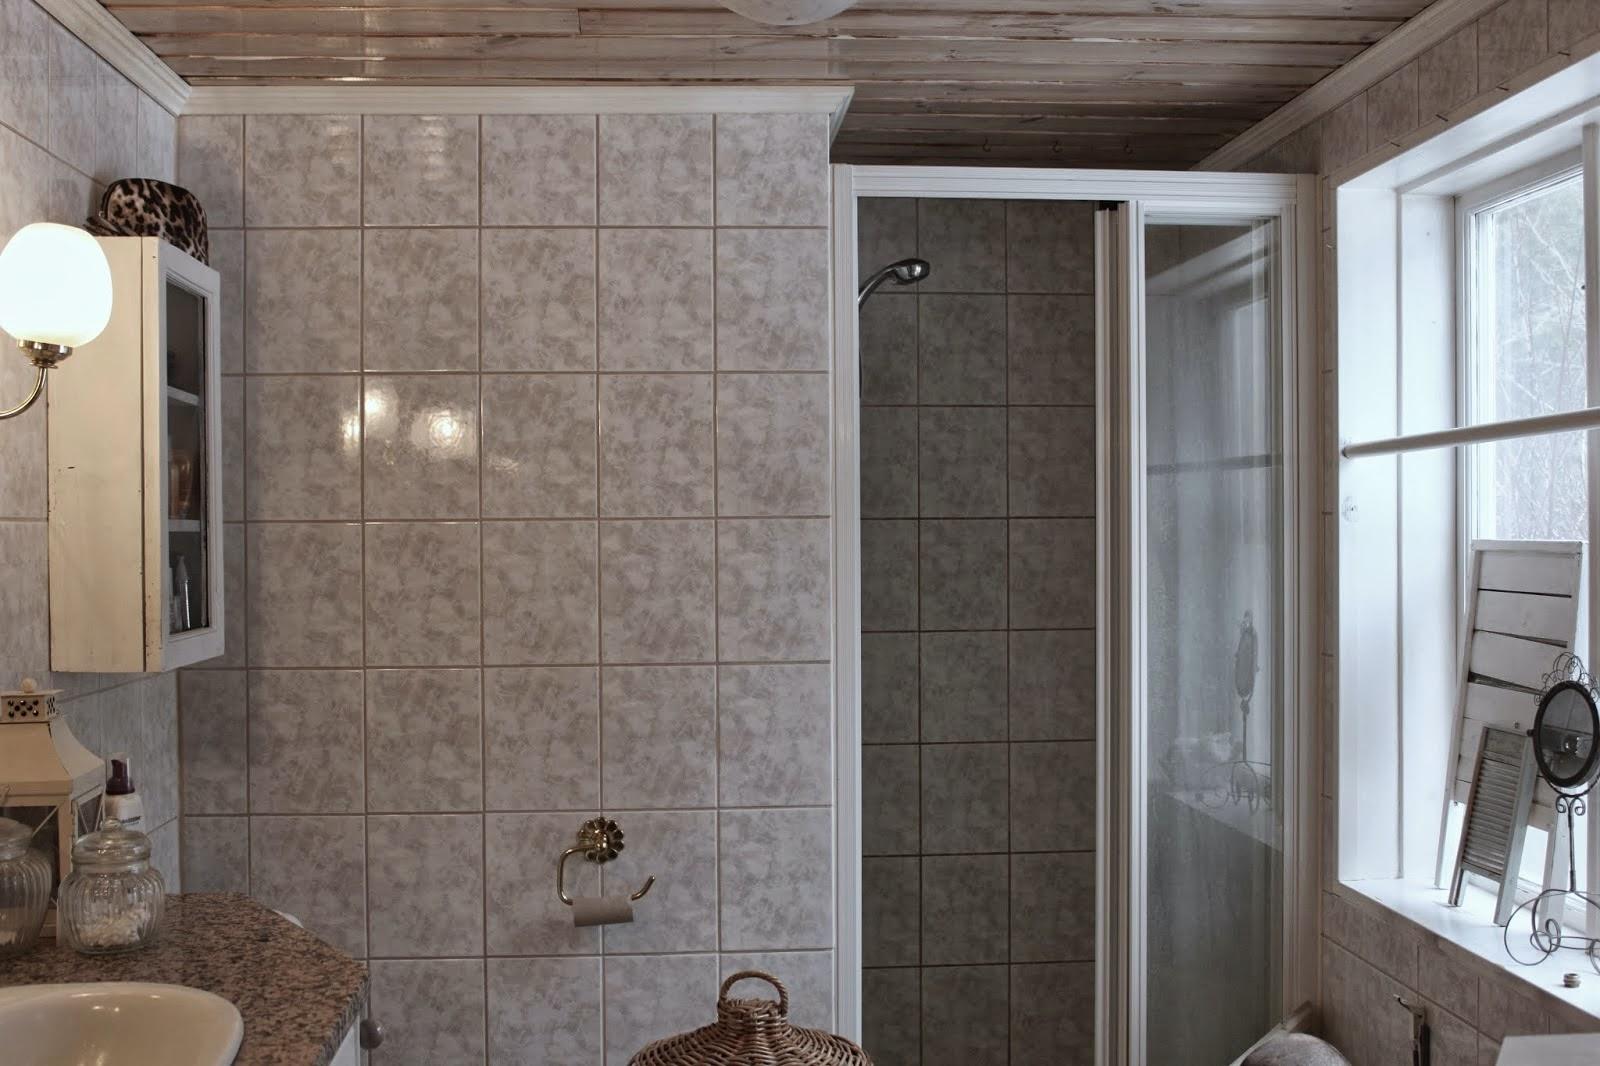 Sallys hus: golvet i tvättstugan